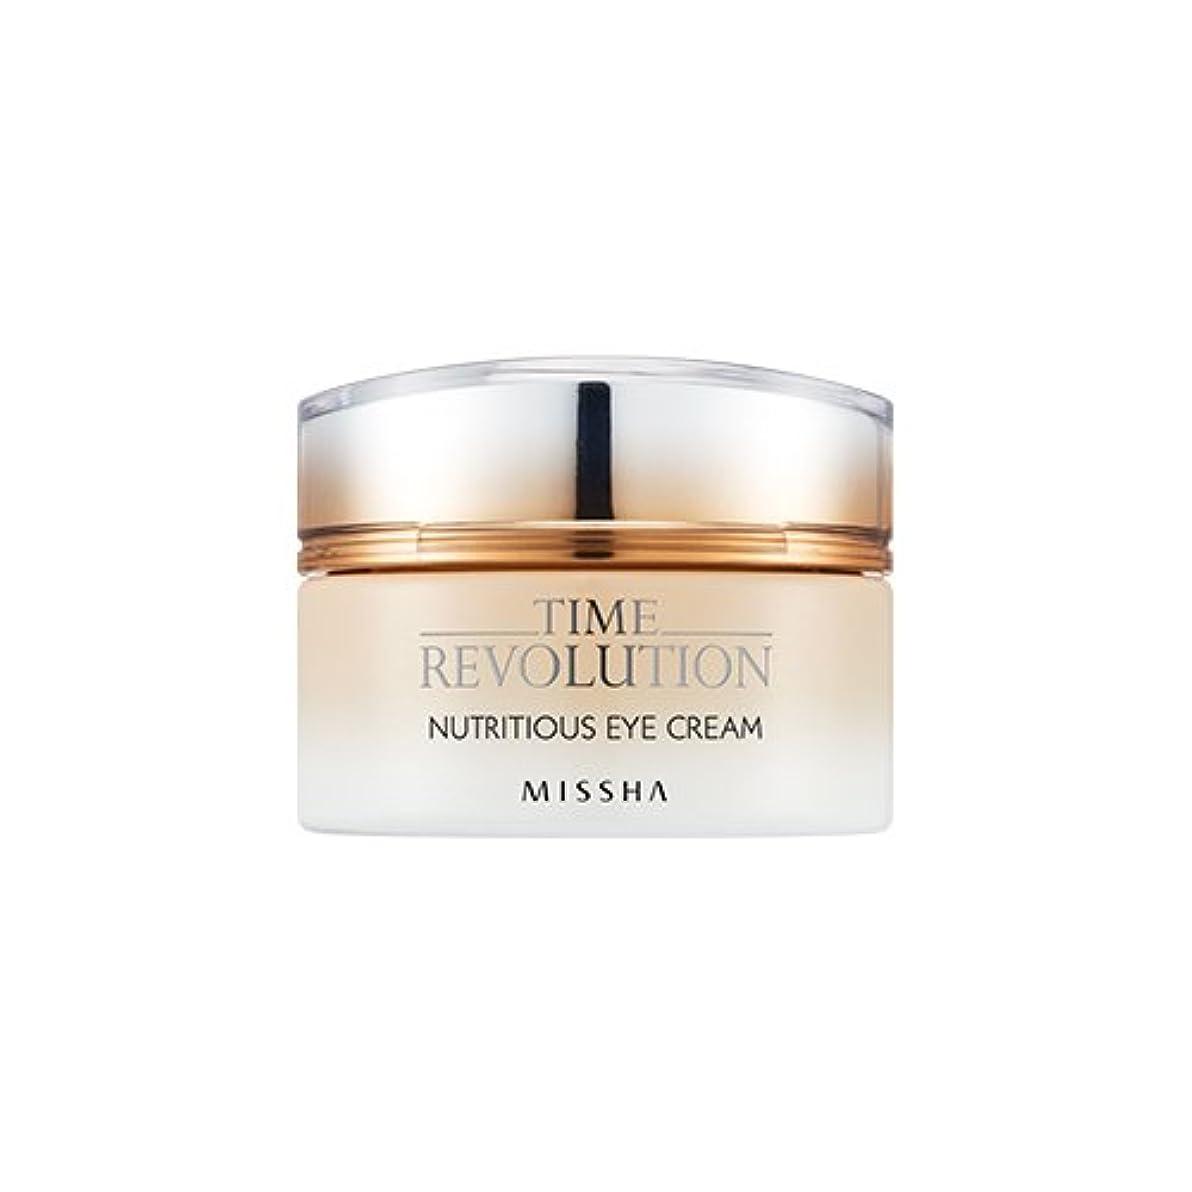 ペチュランスランク最初は[New] MISSHA Time Revolution Nutritious Eye Cream 25ml/ミシャ タイム レボリューション ニュートリシャス アイクリーム 25ml [並行輸入品]